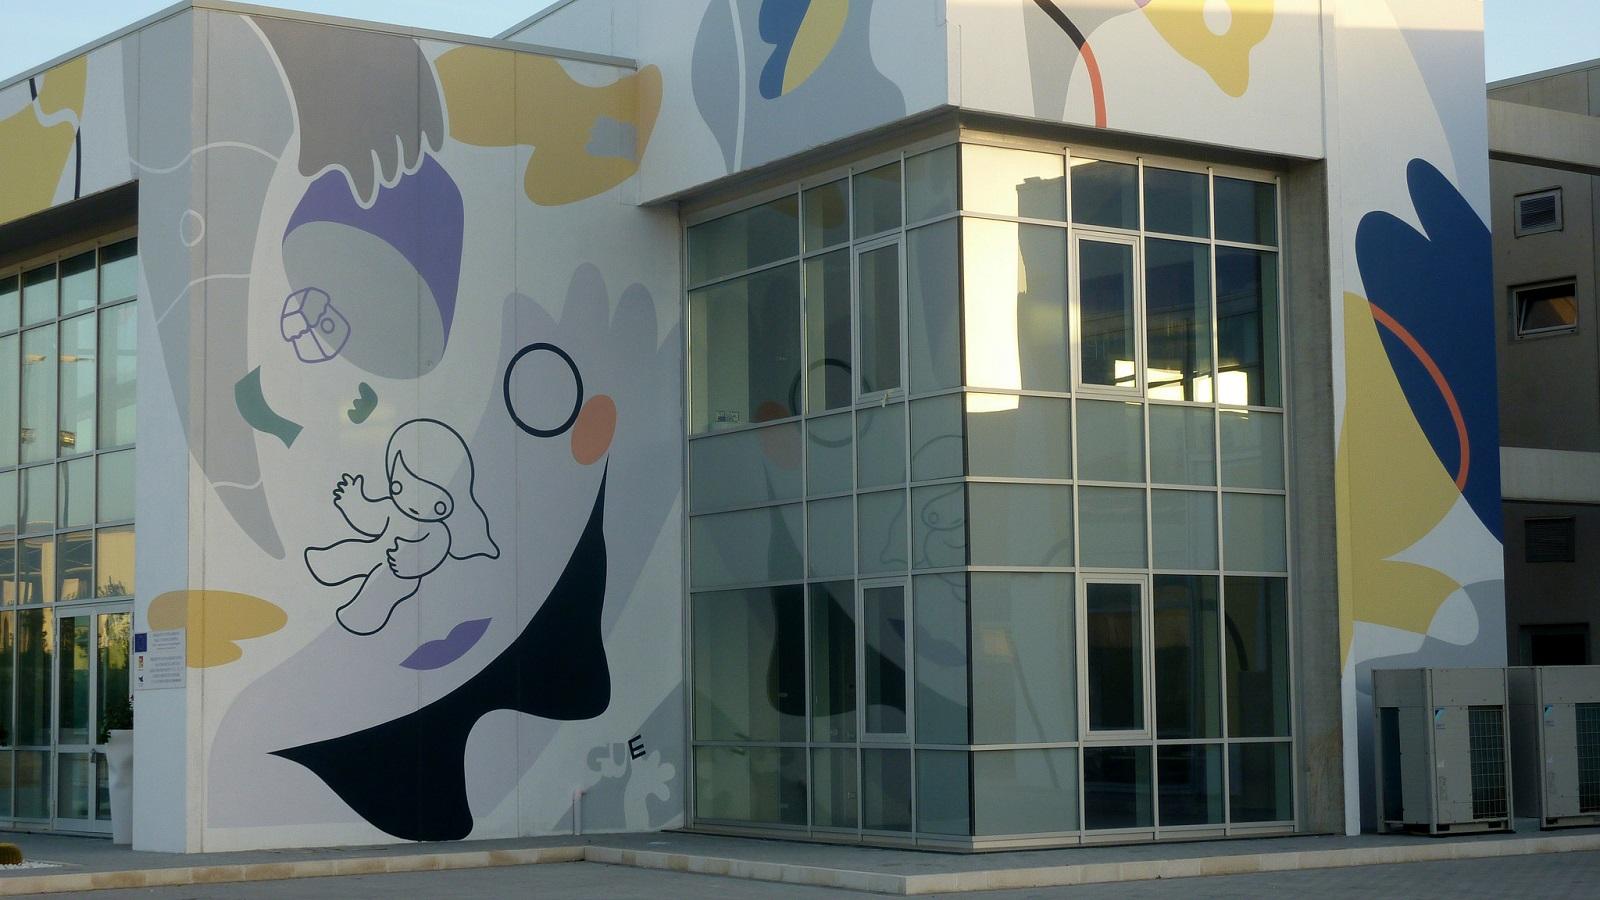 gue-new-murals-in-castrofilippo-and-modica-06